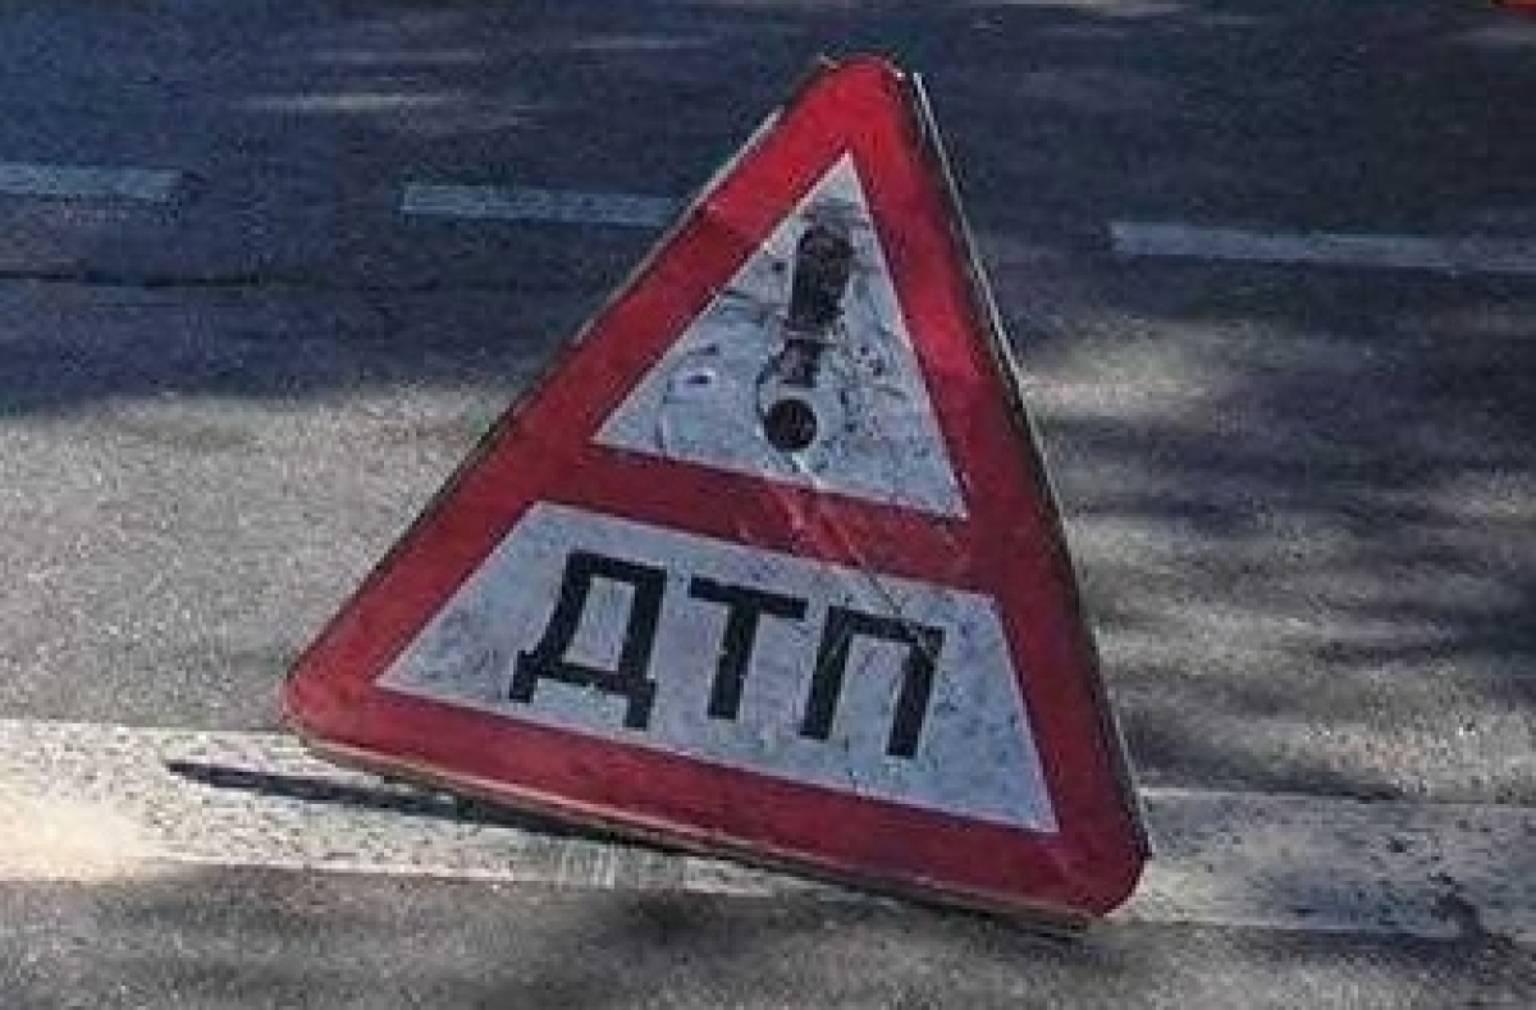 ДТП біля мосту в Луцьку паралізувала рух (фото)